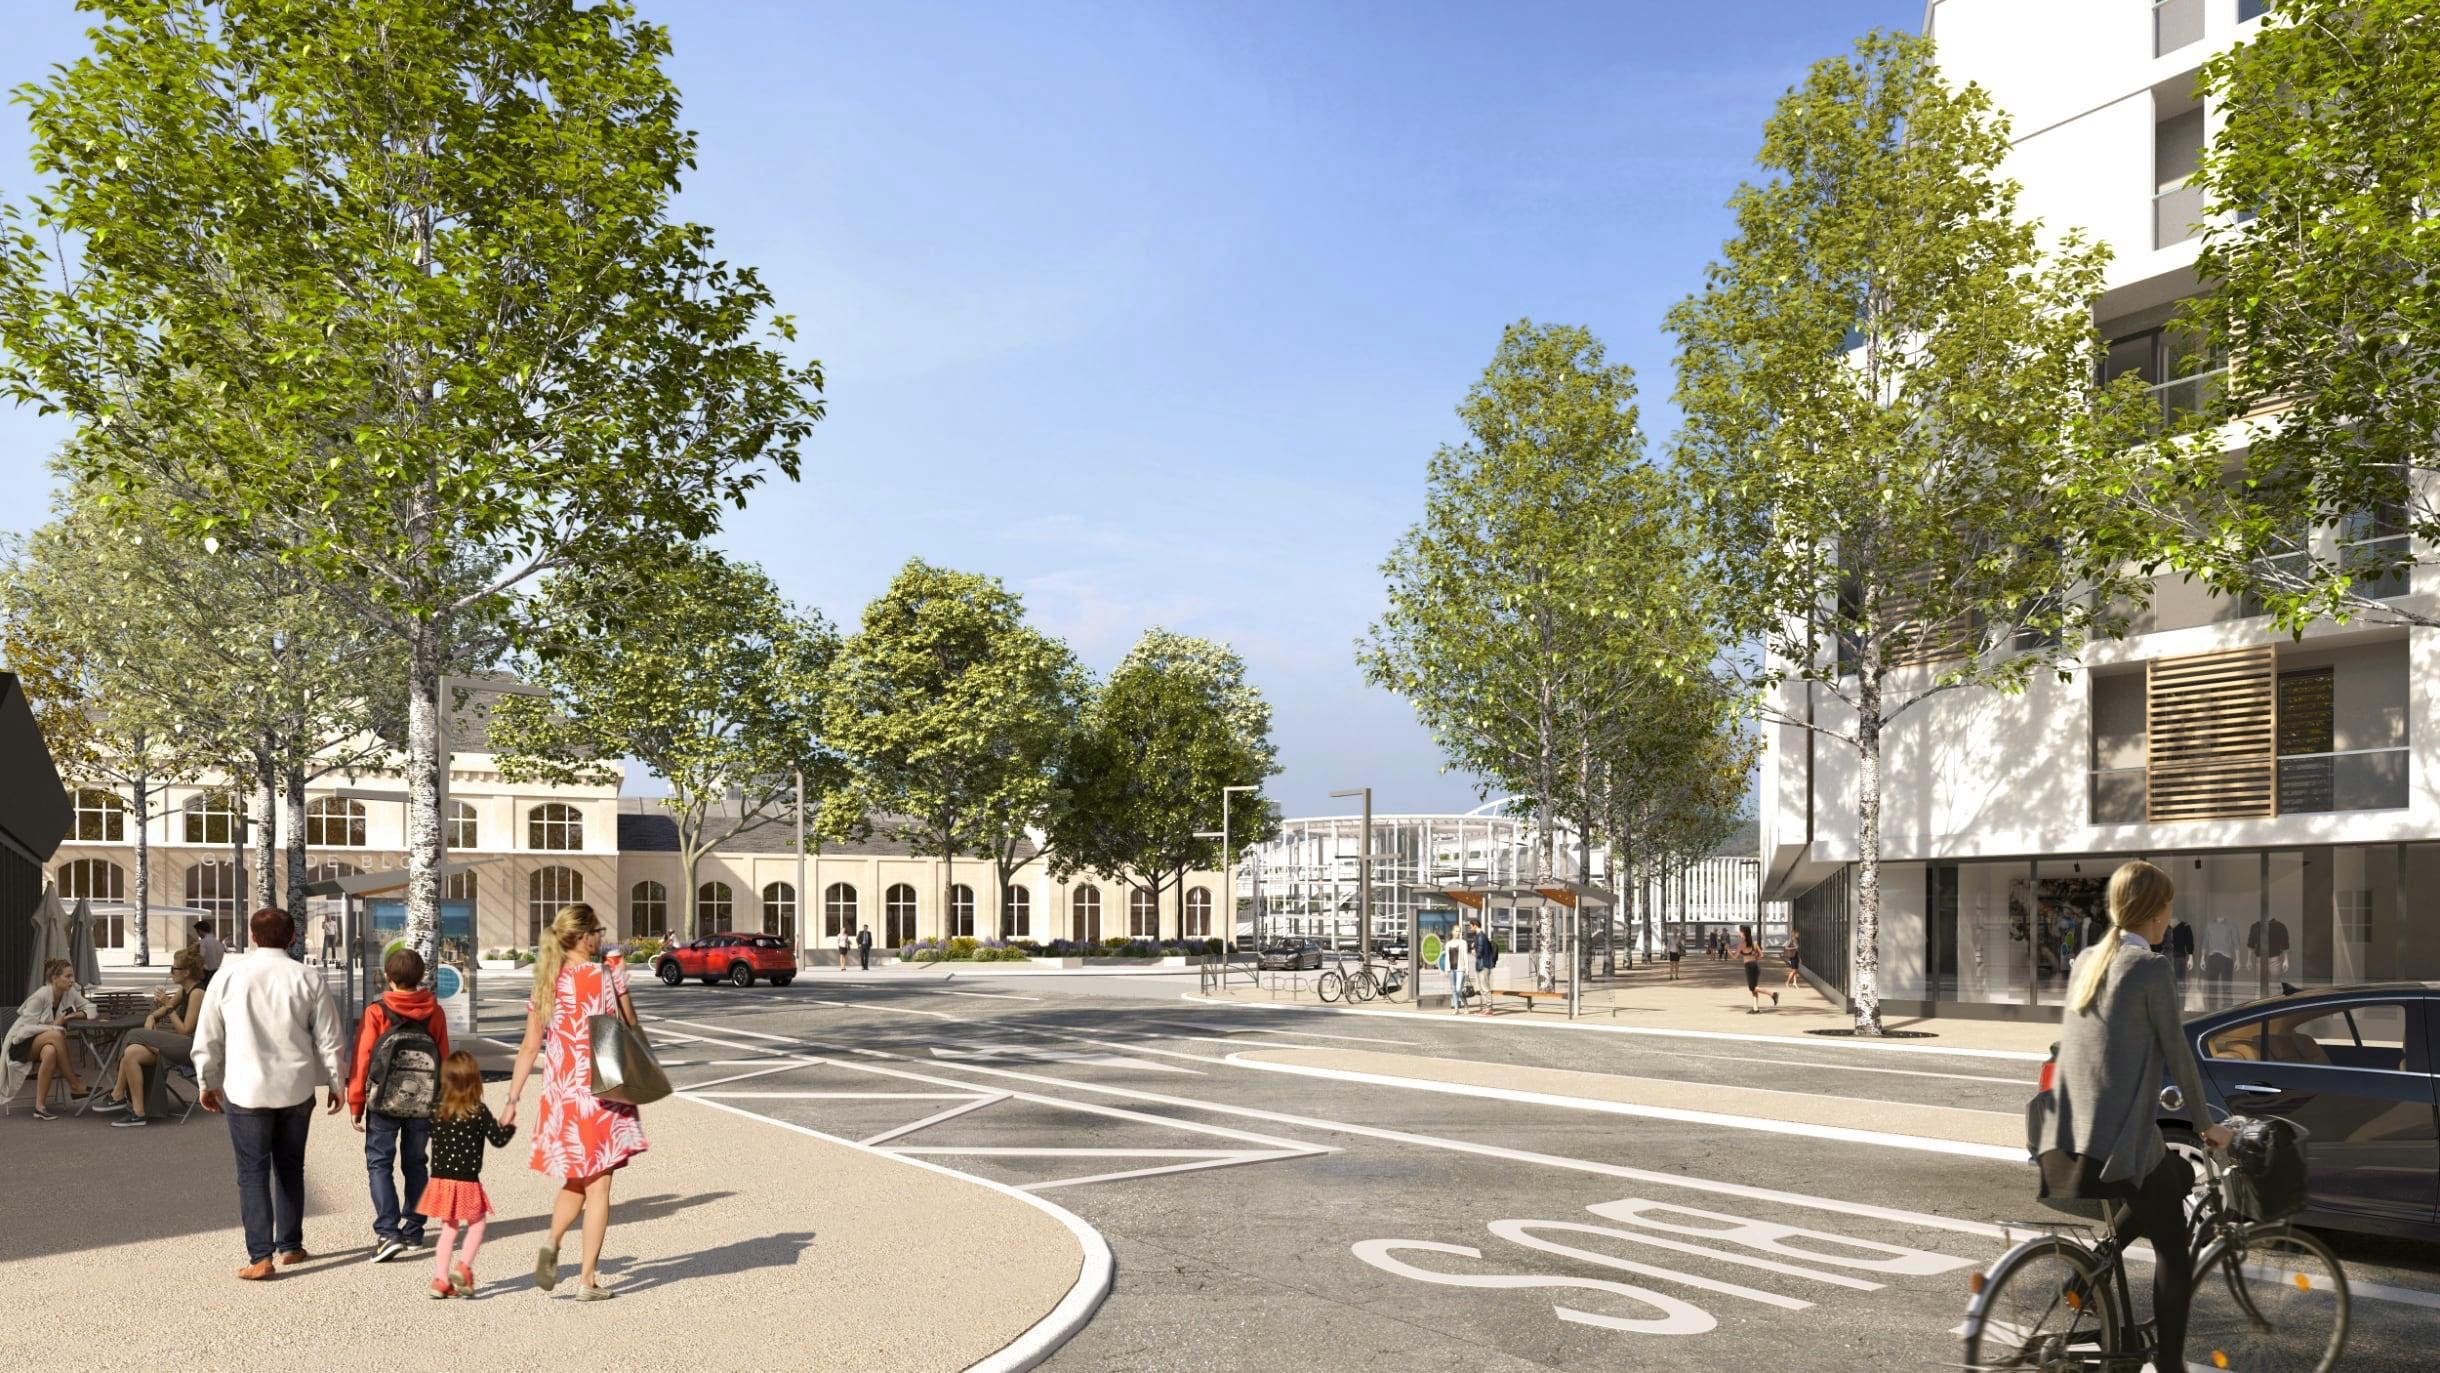 Projection du futur parvis de la gare depuis le carrefour de la Banque de France. De nouveaux bâtiments et de nombreux arbres sont visibles.